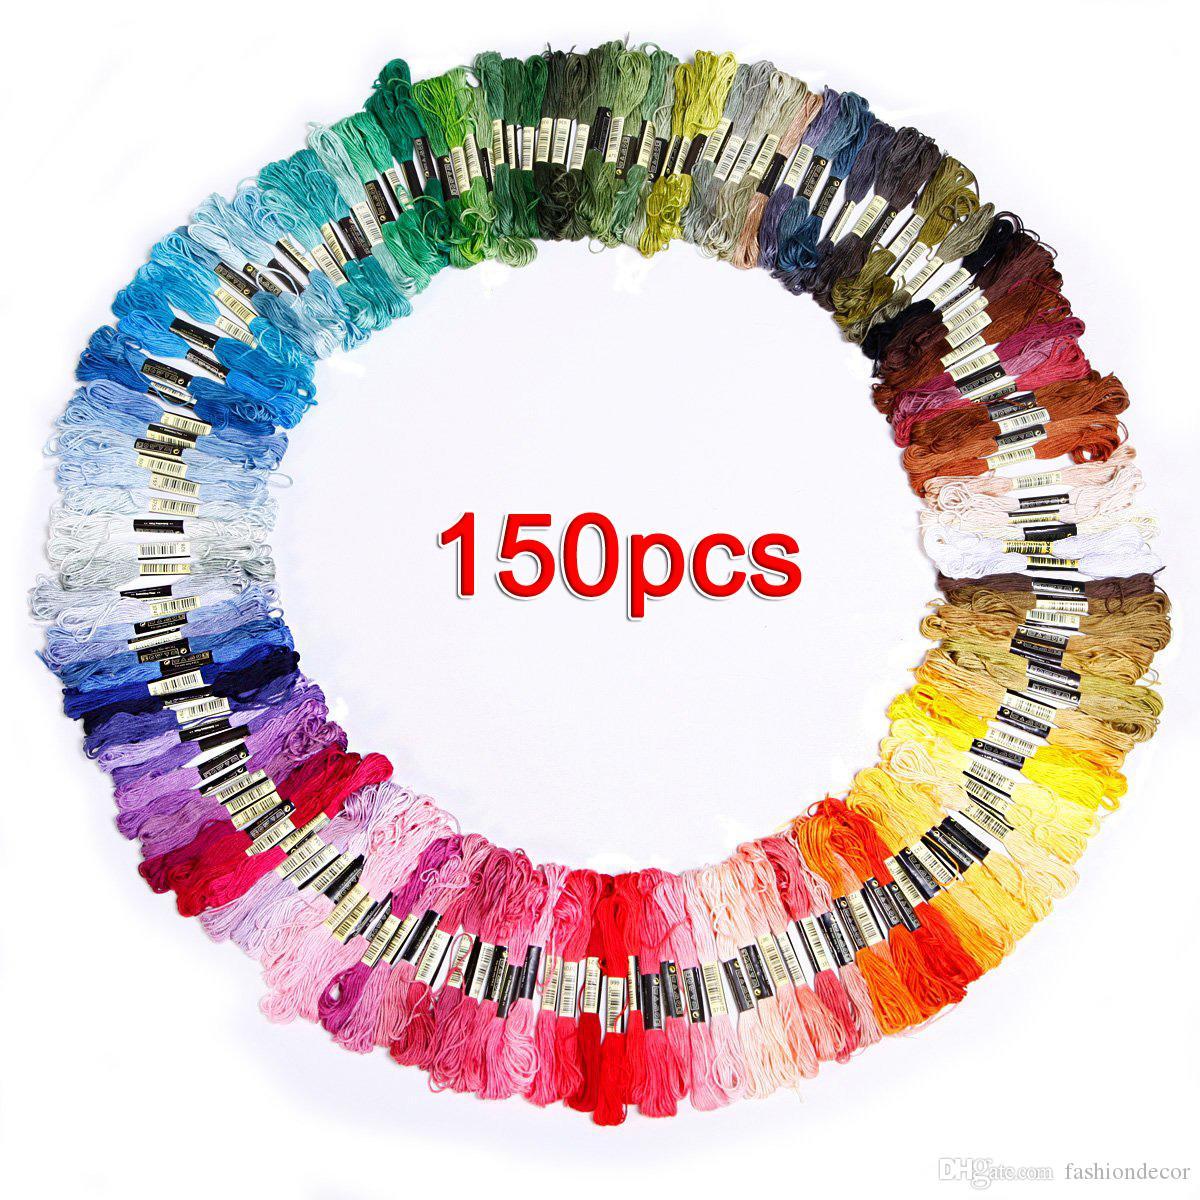 Toptan ucuz fiyat renkli Dikiş Iplikleri 150 adet / grup skeins nakış konu için çapraz dikiş ücretsiz kargo